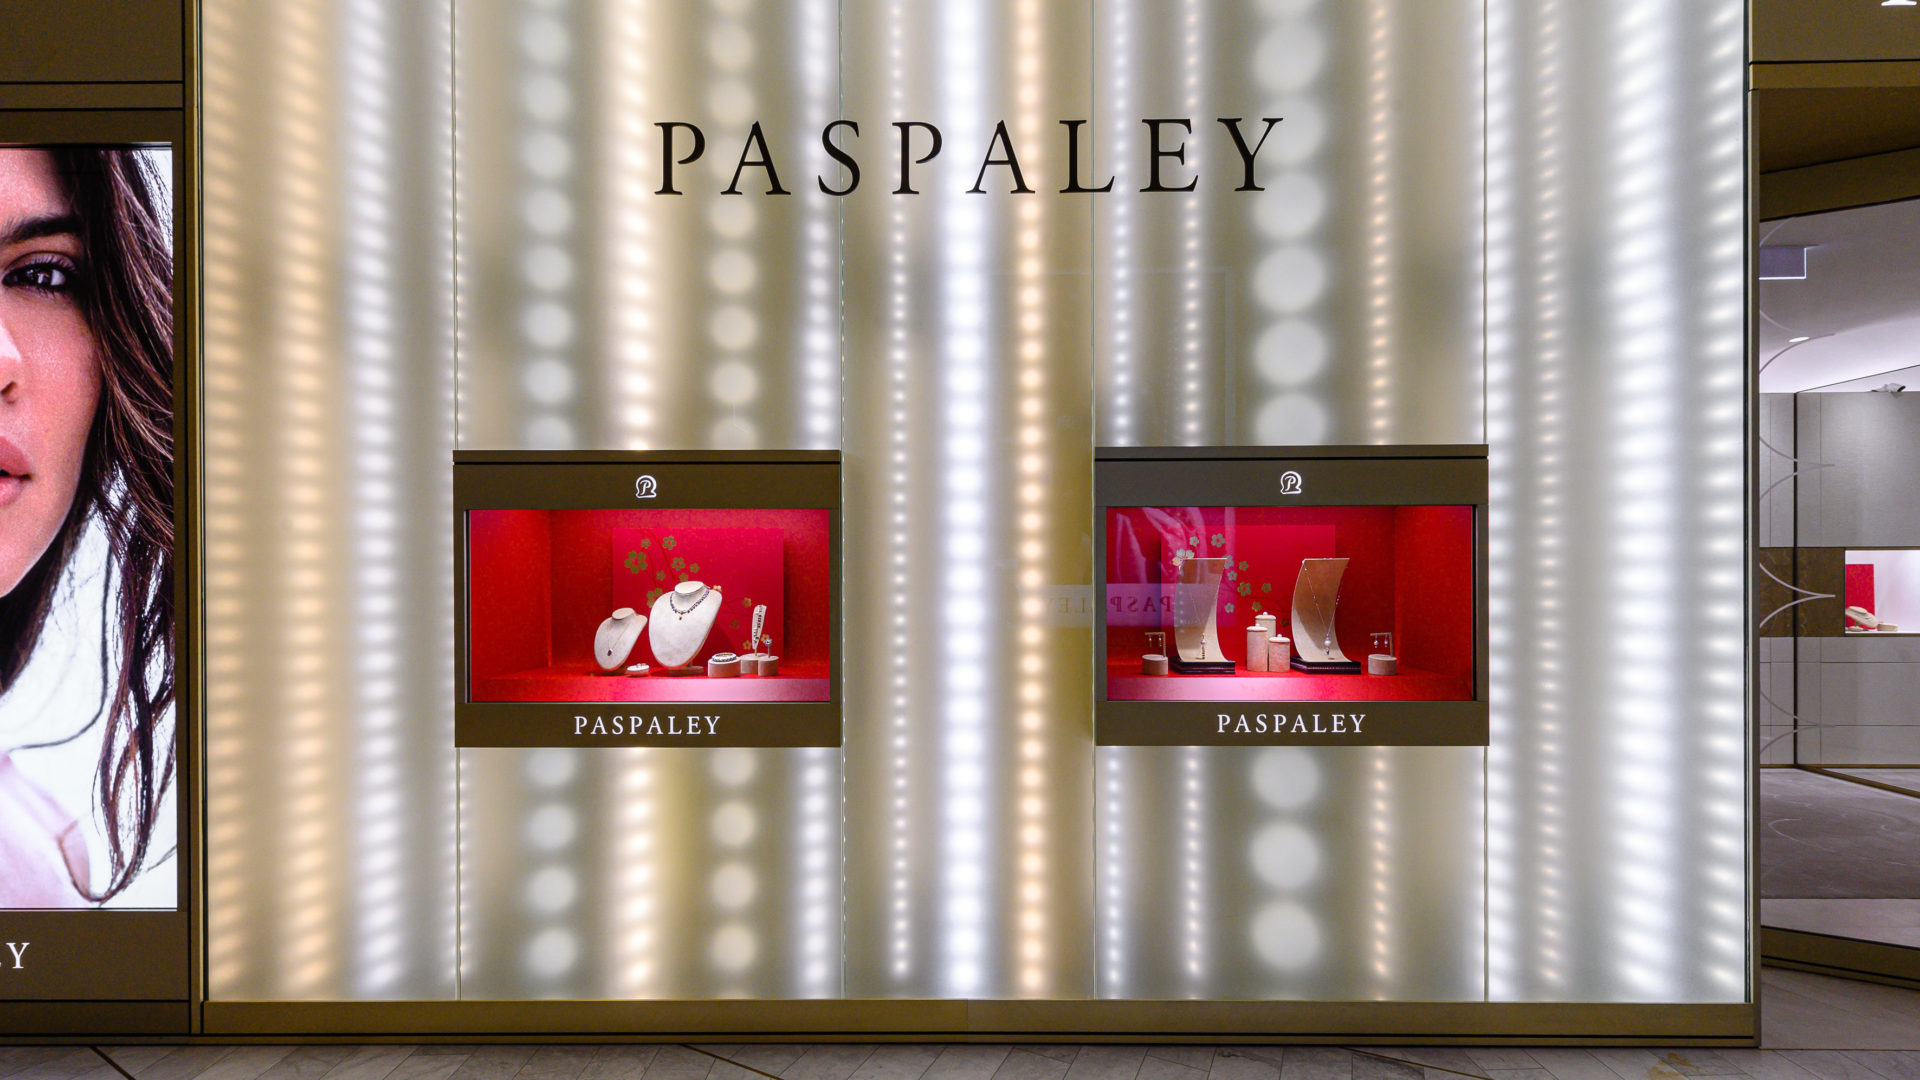 Paspaley Boutique Crown Sydney 28.01.2021 ELT 8686 1